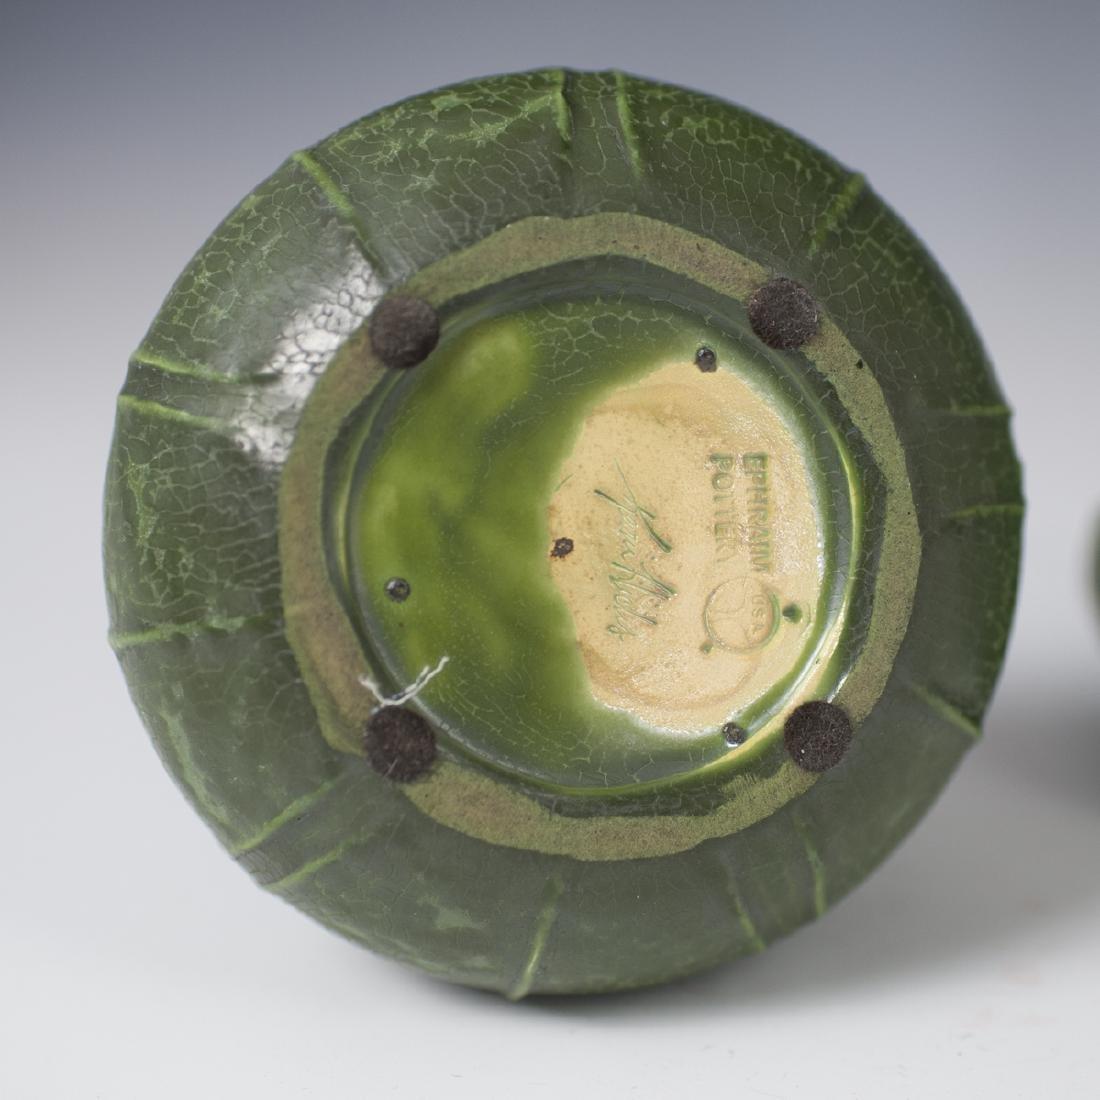 Ephraim Faience Pottery Vases - 3